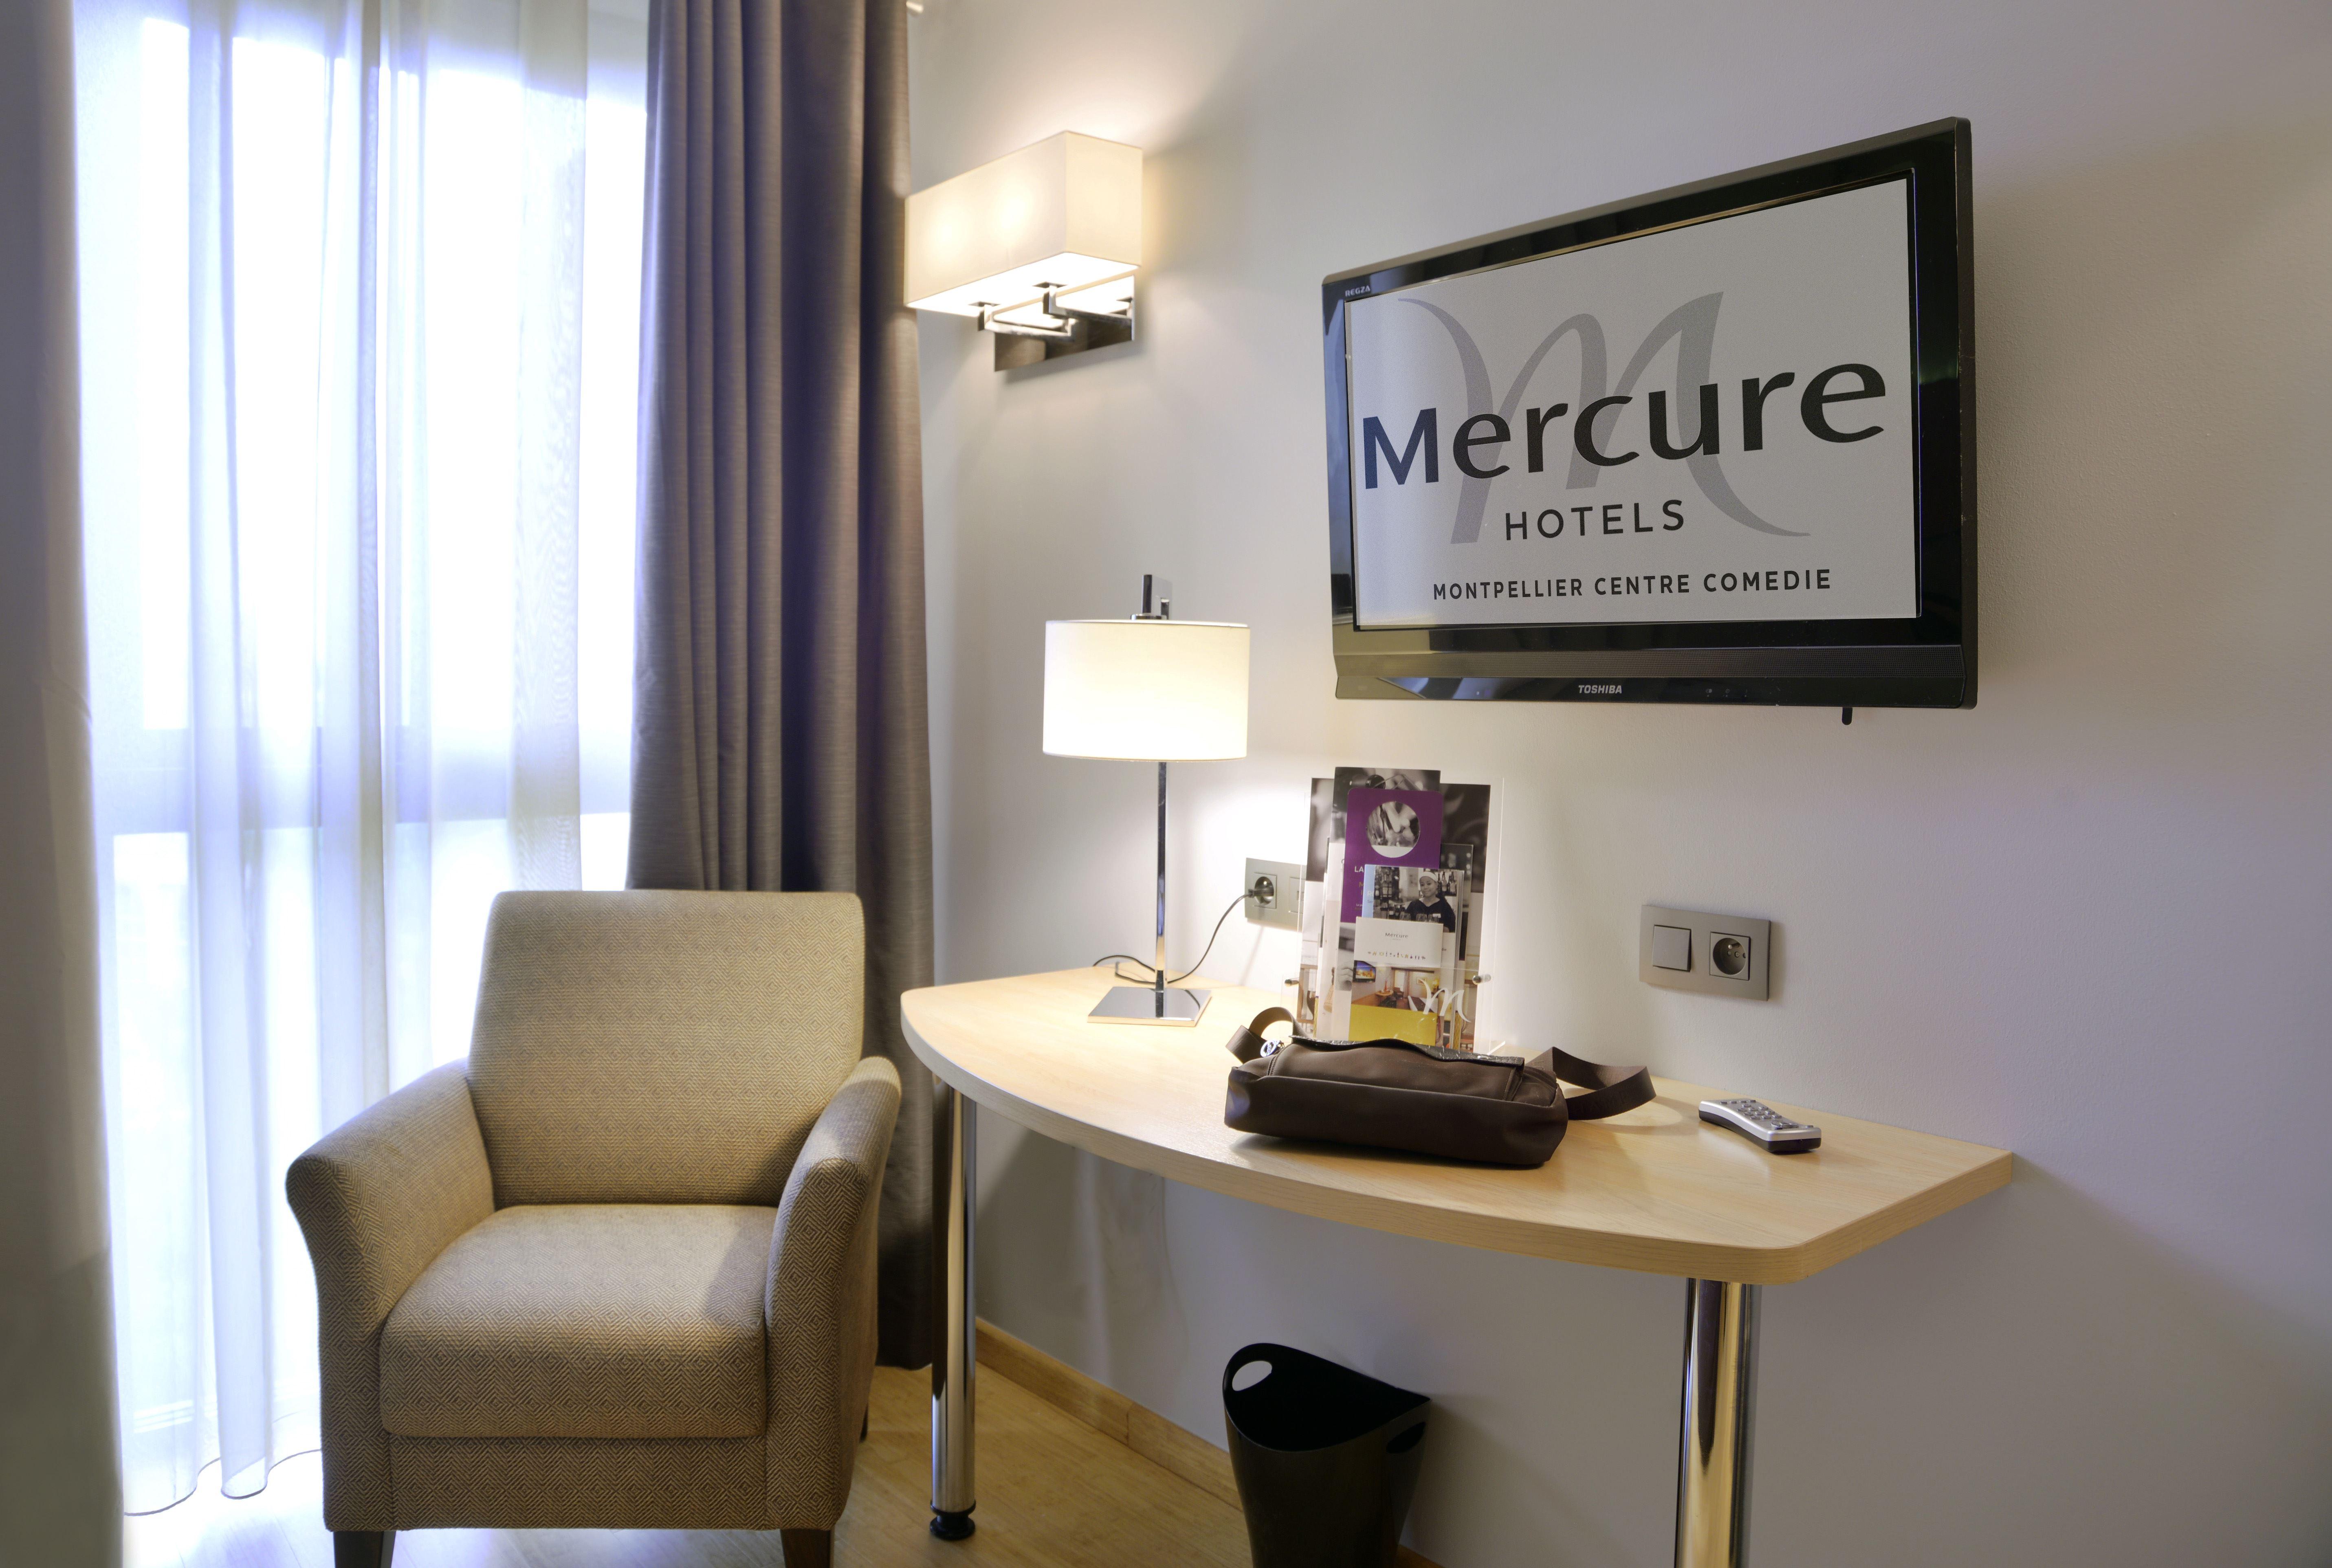 Hôtel Mercure Montpellier Centre Comédie